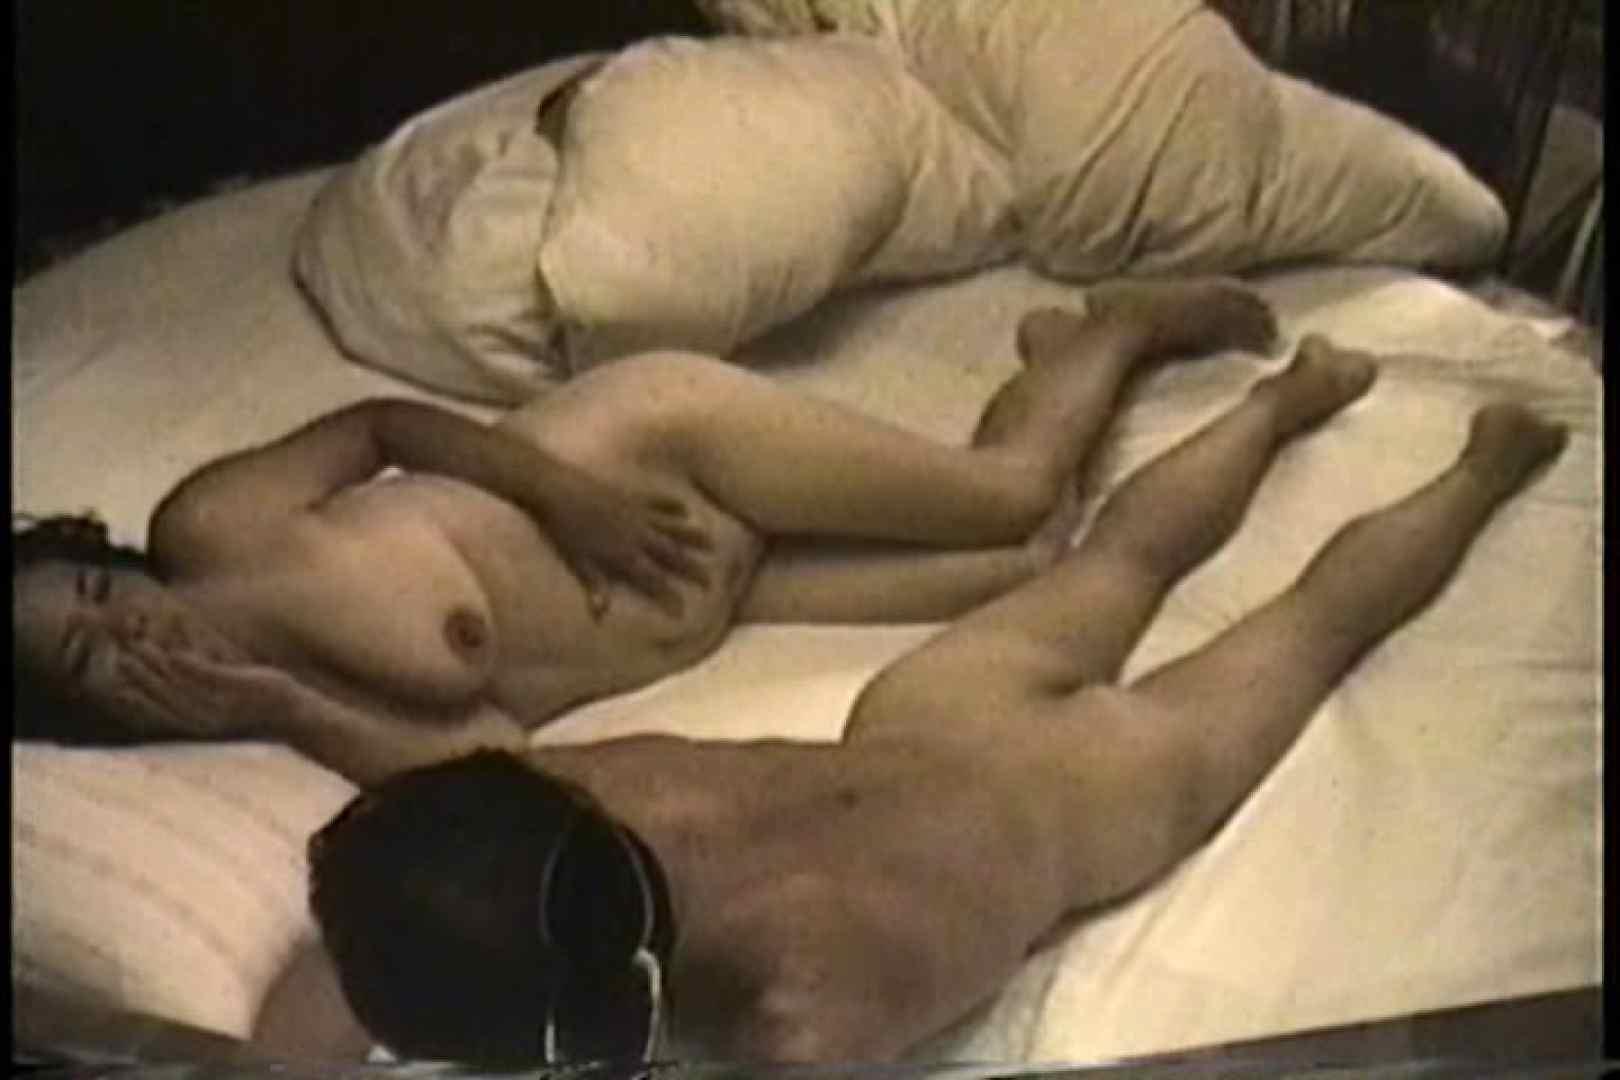 実録!ラブホテル~消し忘れ注意!昭和の色編~ vol.28 美しいOLの裸体 オマンコ動画キャプチャ 82pic 11